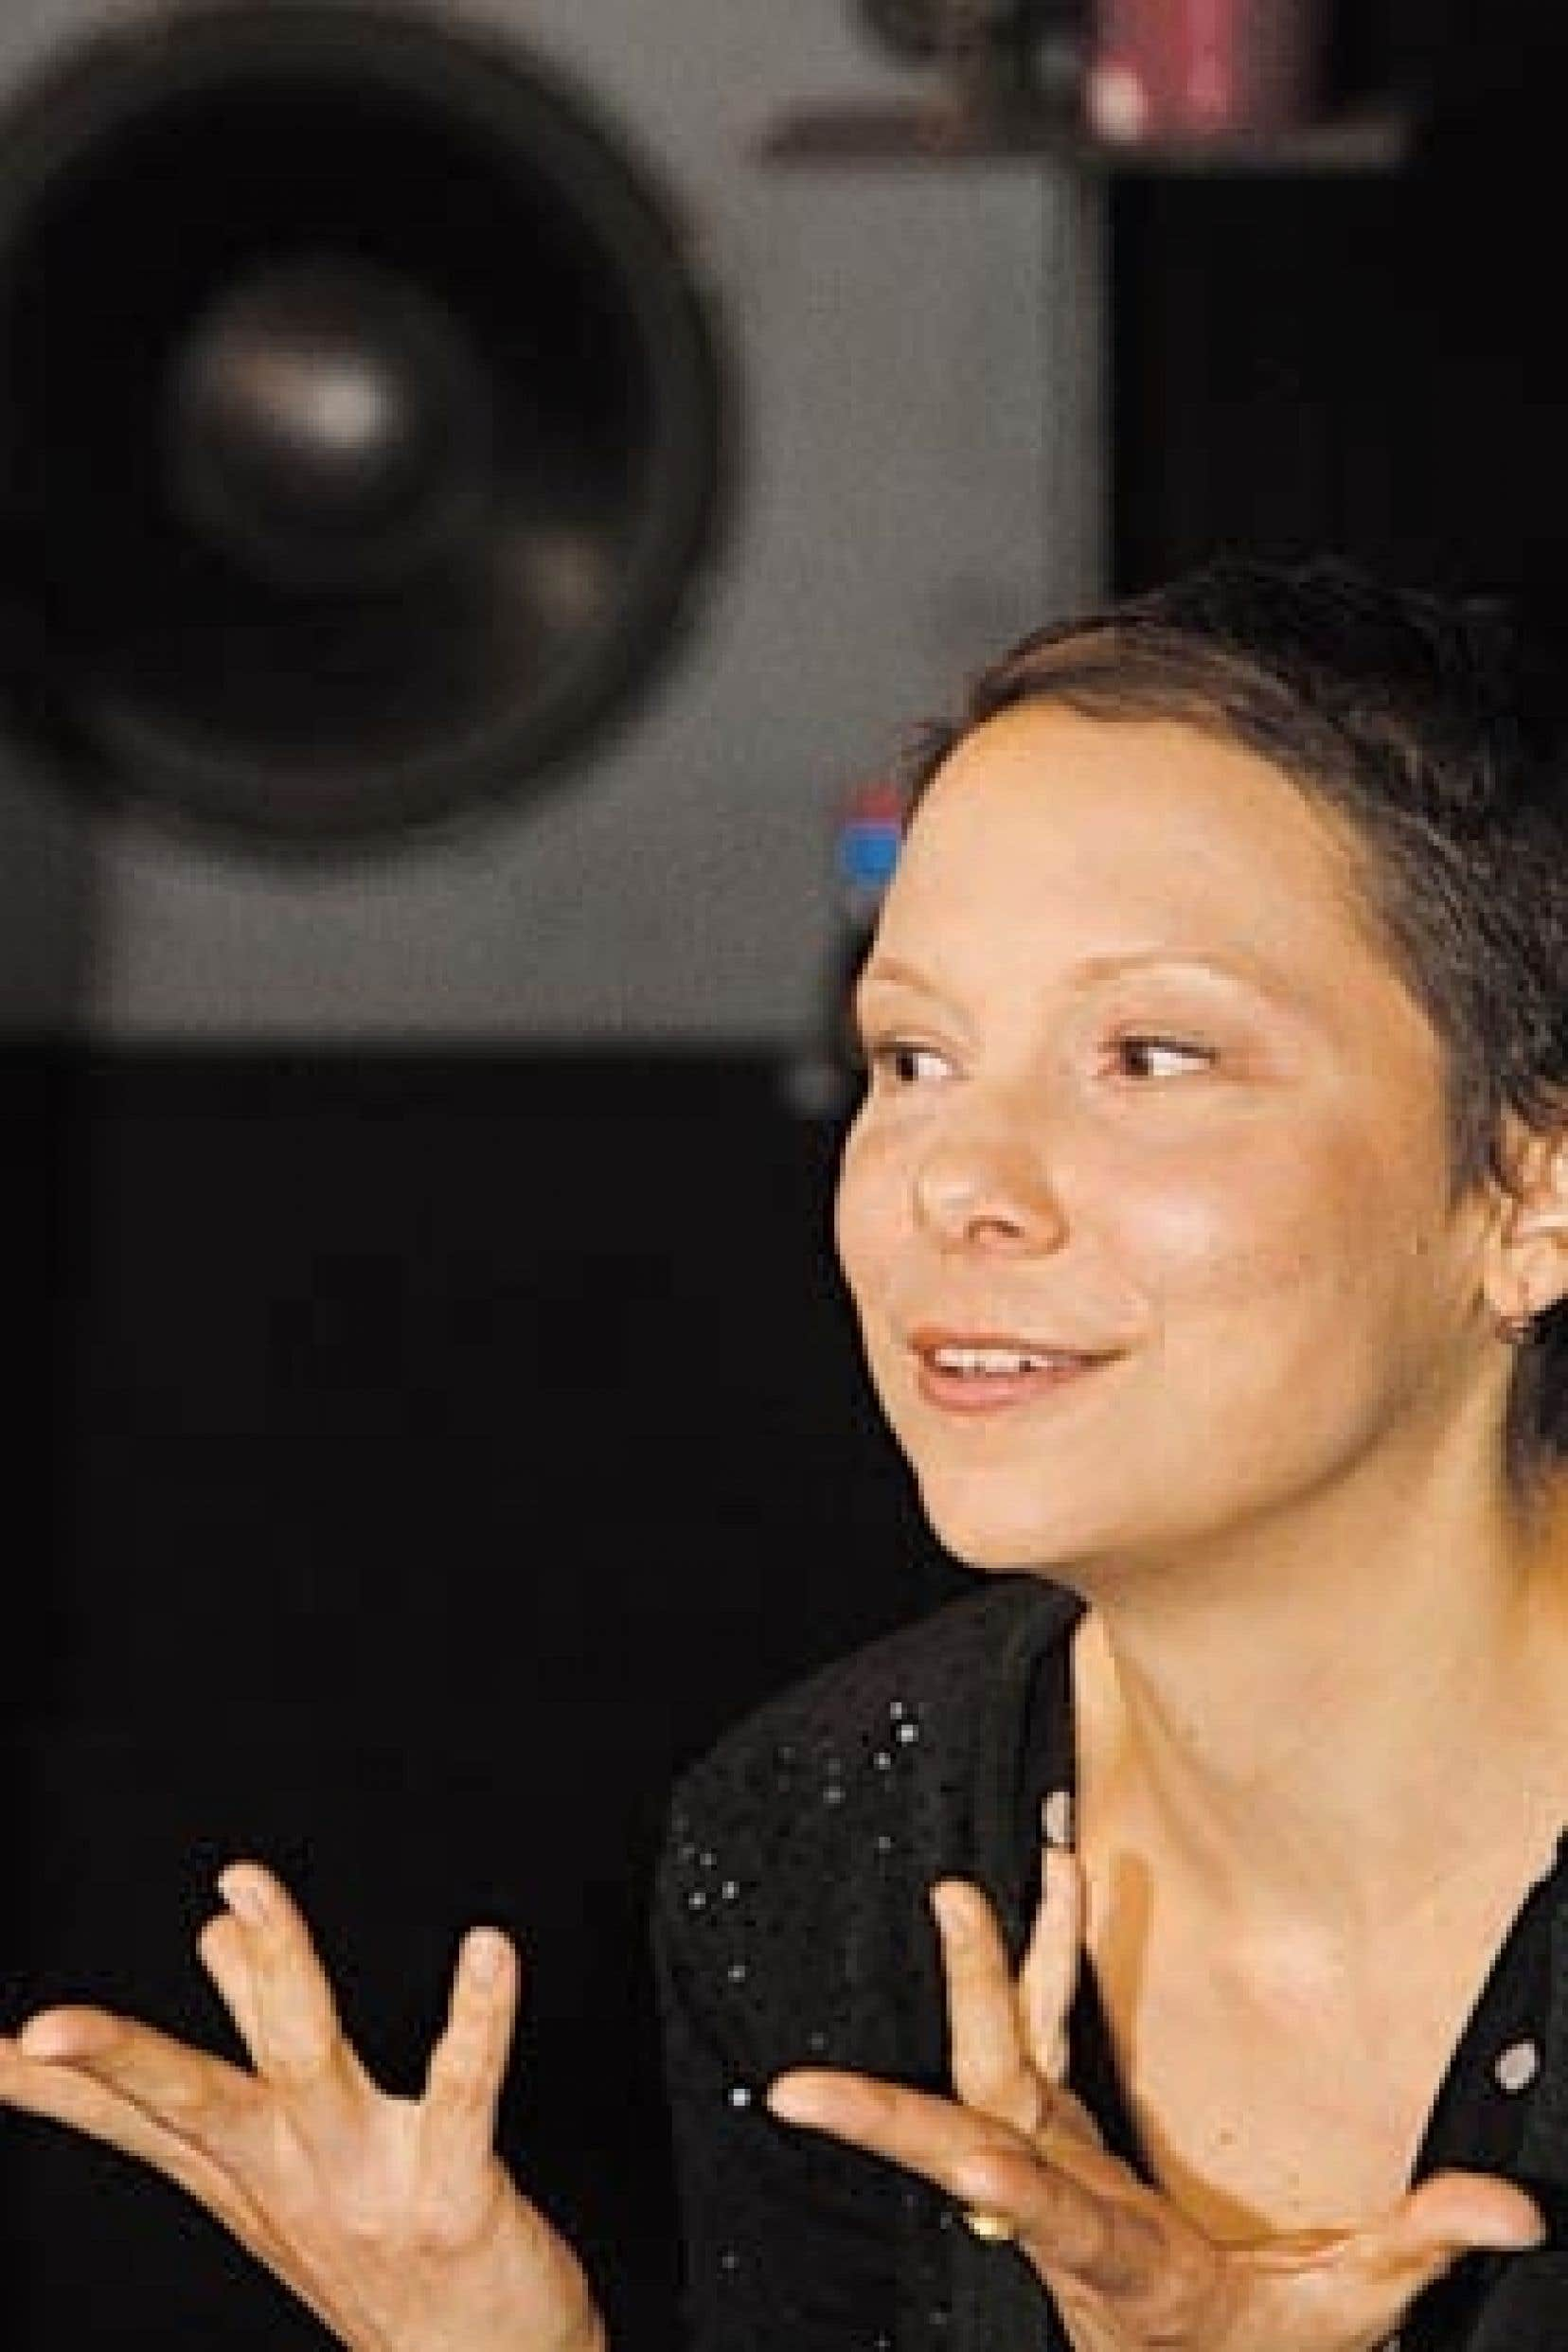 La chanteuse Lhasa de Sela a présenté hier quatre des pièces qui composent son troisième album, à paraître dans un mois.